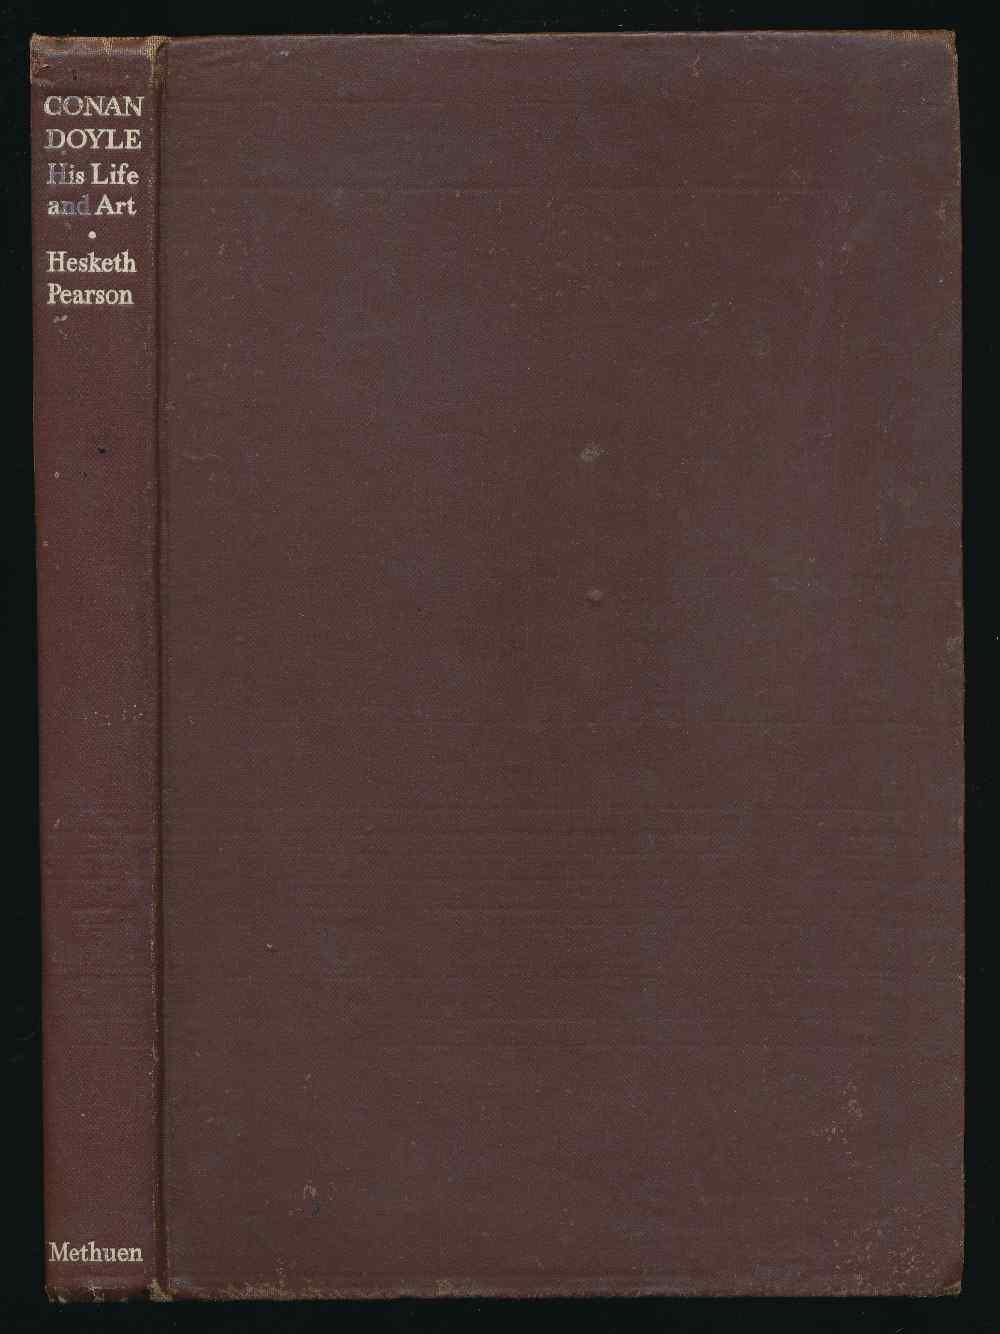 Conan Doyle : his life and art